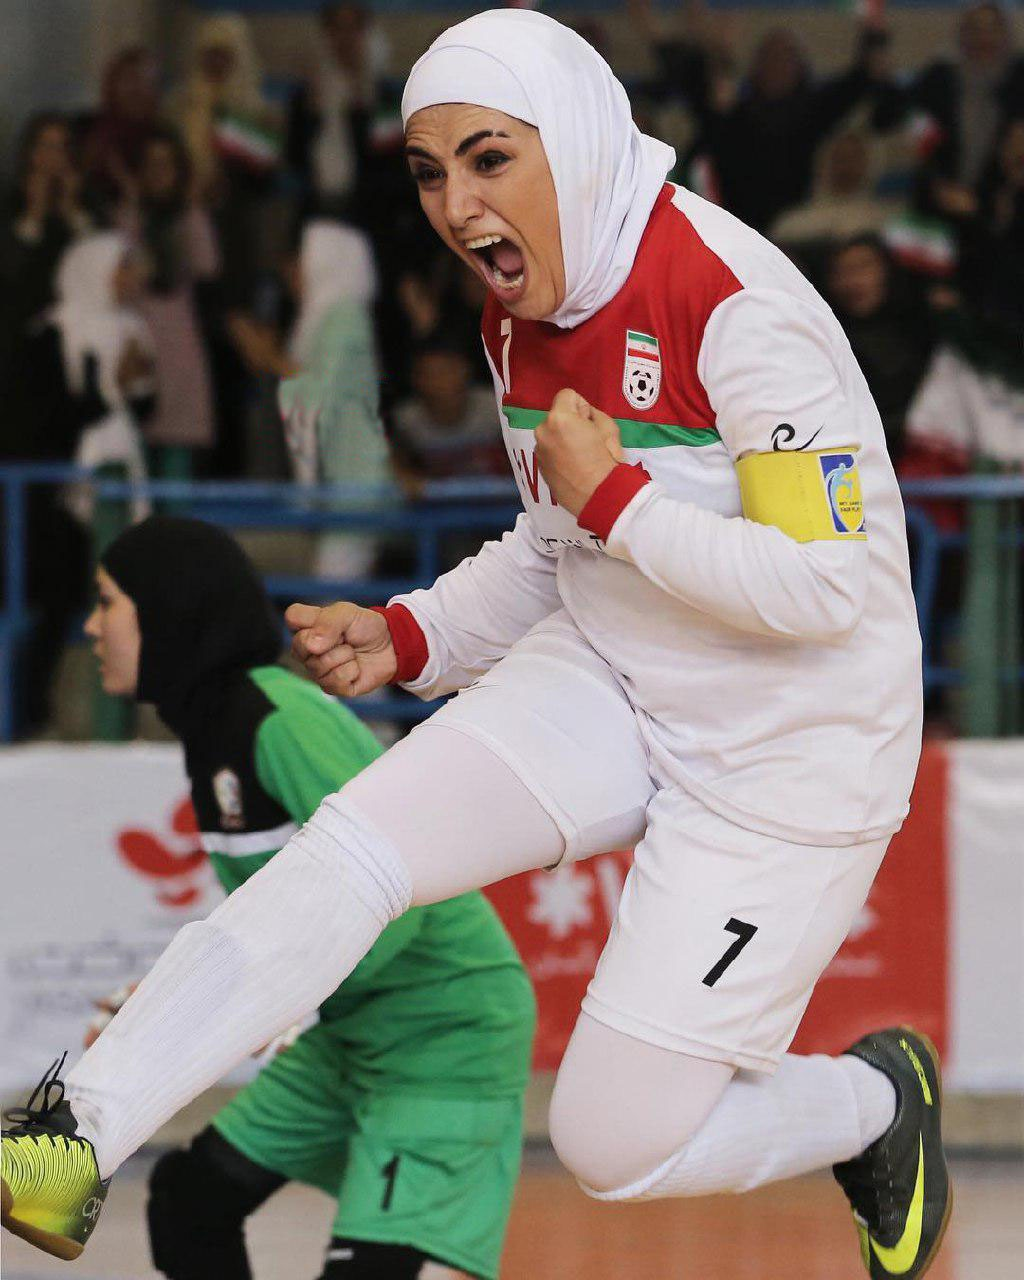 (تصویر) شادی باران کوثری در لباس تیم ملی